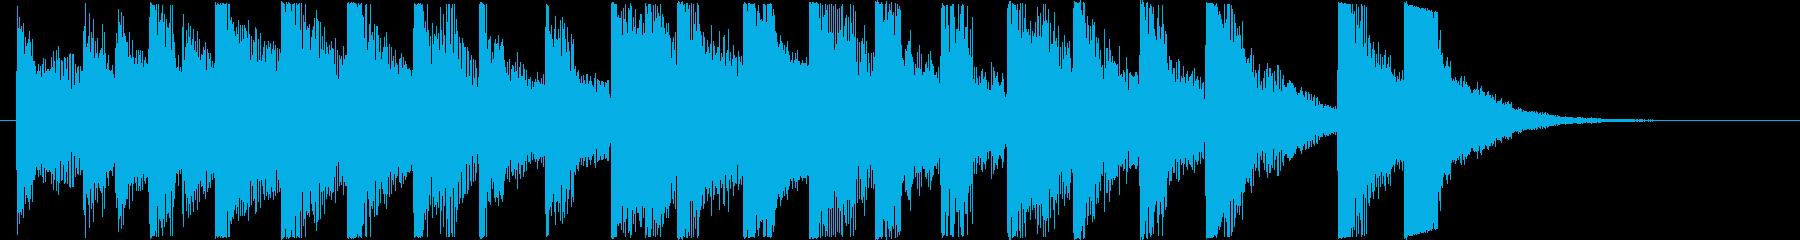 ハロウィン風オーケストラワルツロゴ♪の再生済みの波形